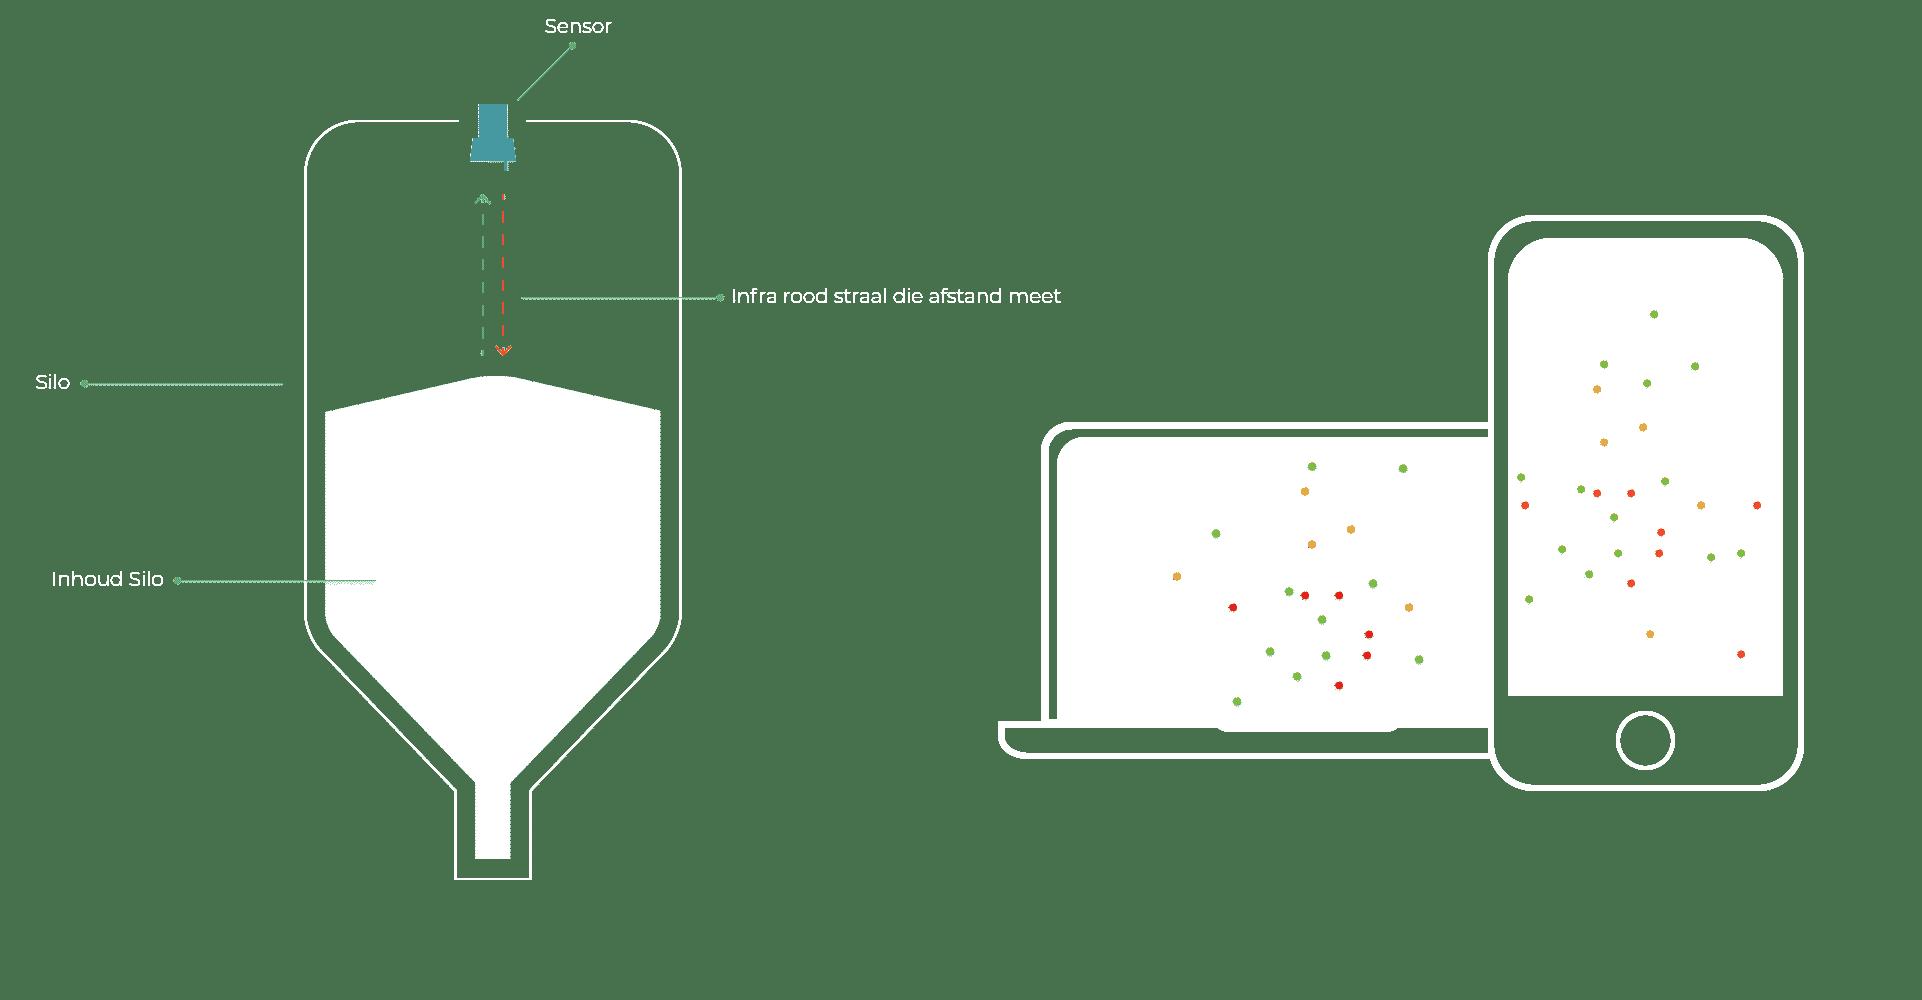 silo-sensor